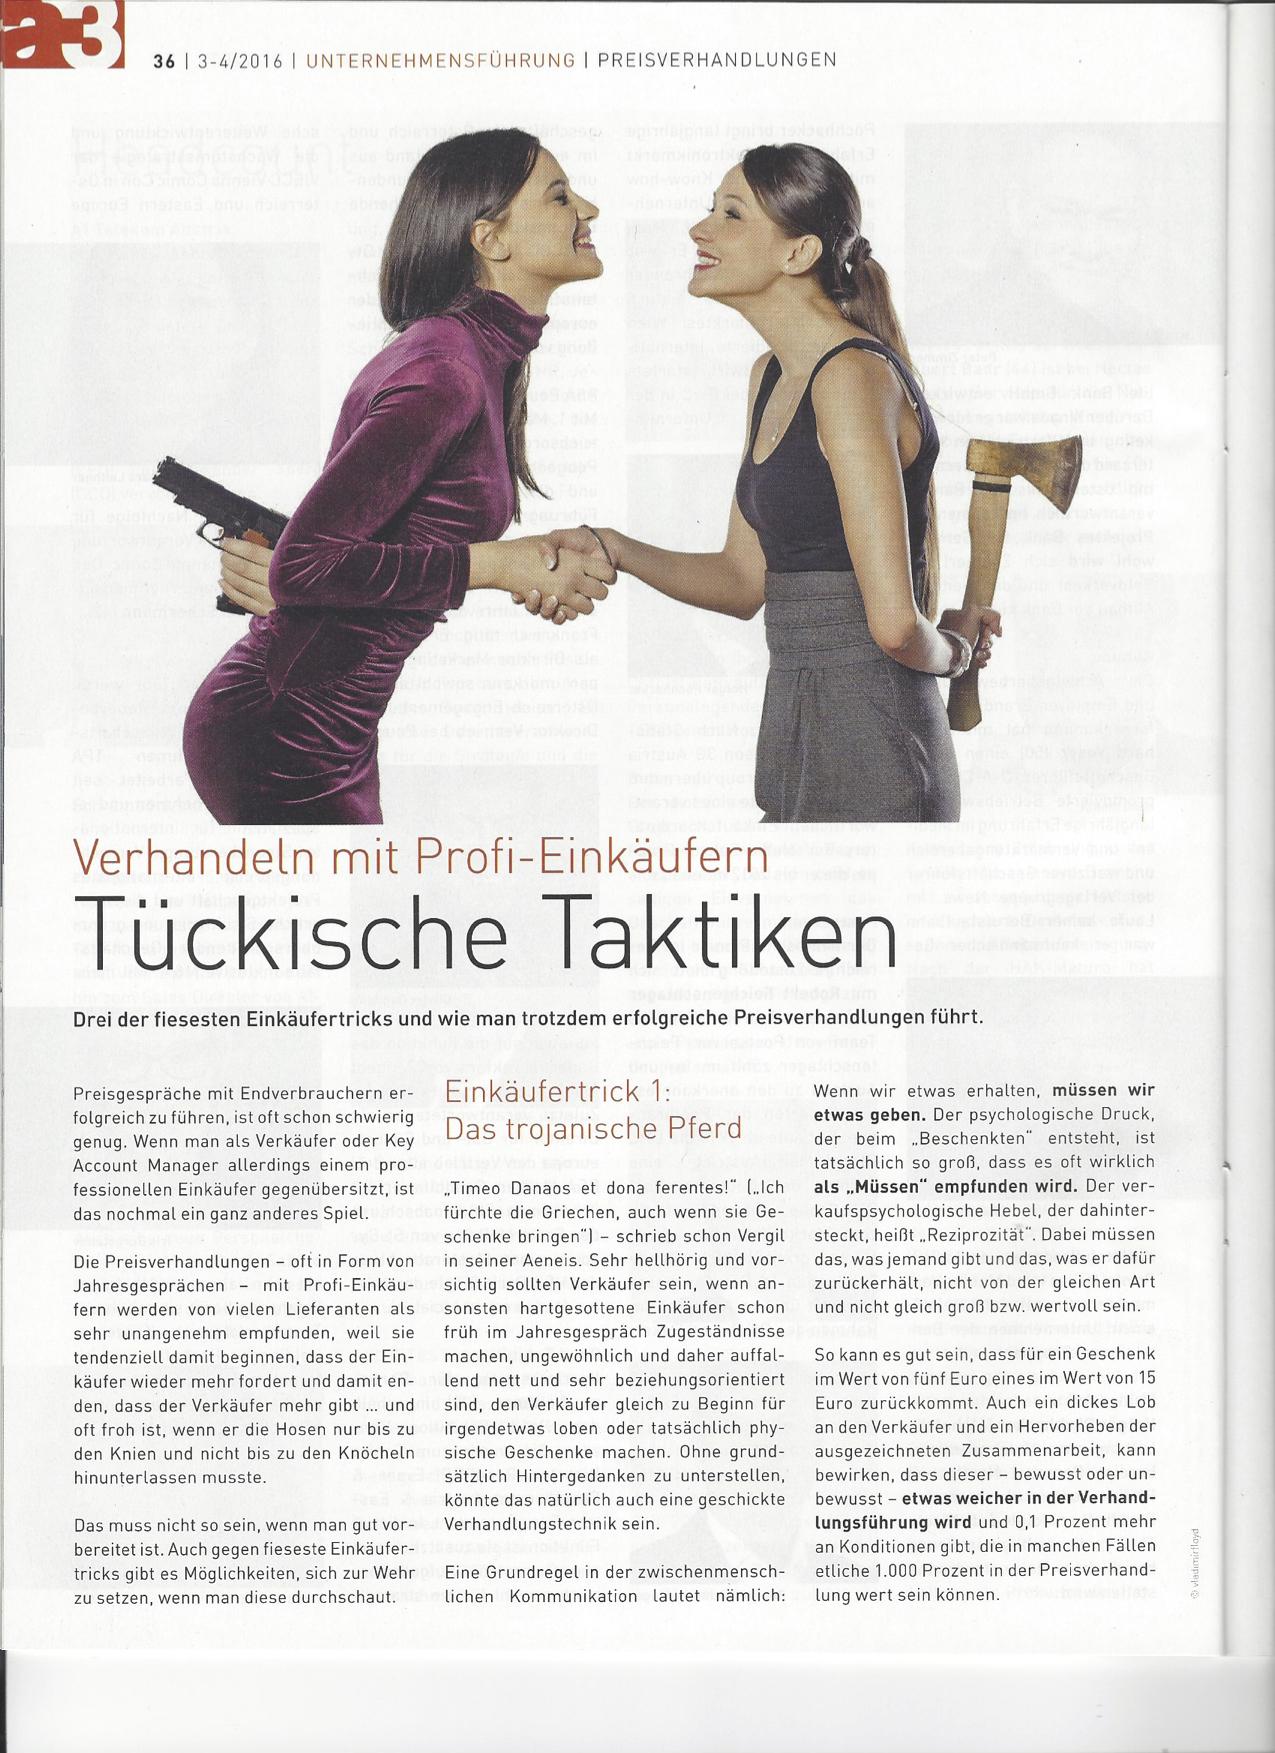 Tückische Taktiken Seite 1- a3 ECO Magazin 03/2016 - Roman Kmenta - Vortragsredner und Autor